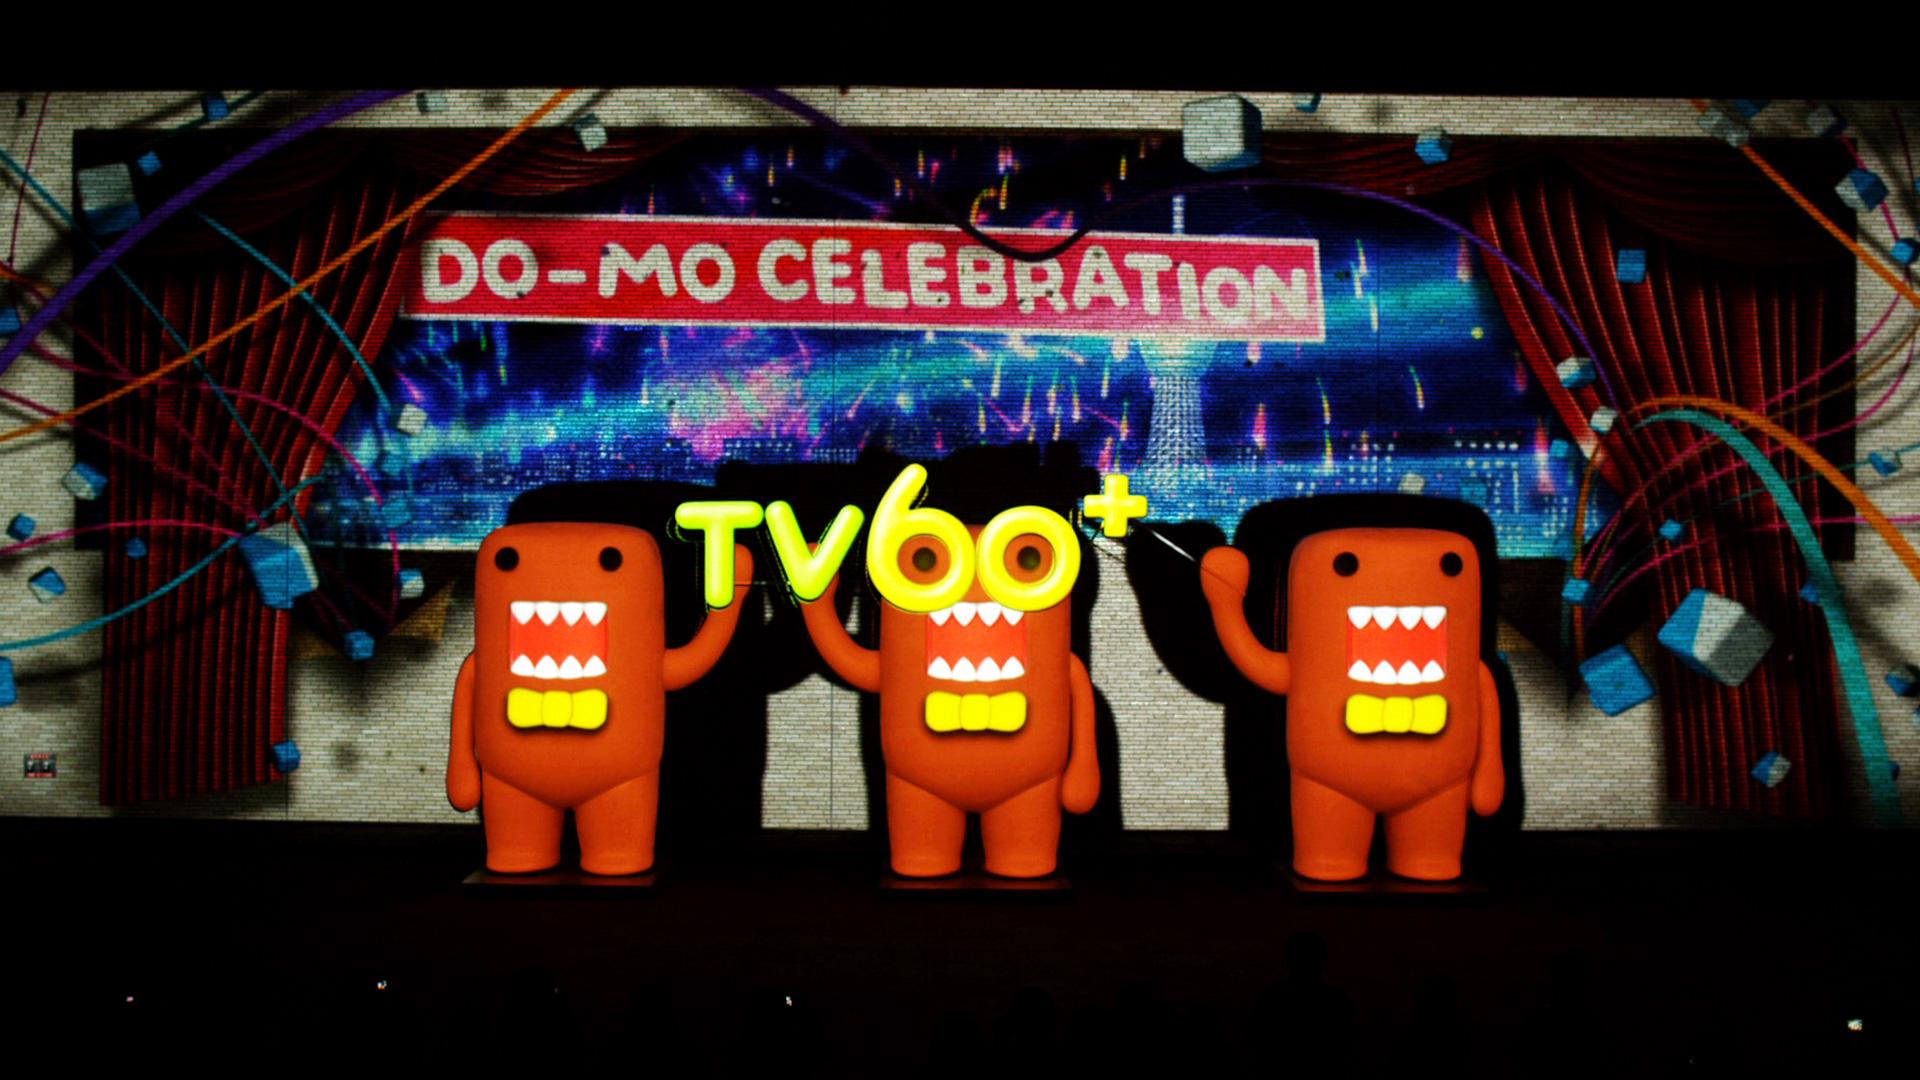 テレビ60年感謝祭「どーもくんセレブレーション」